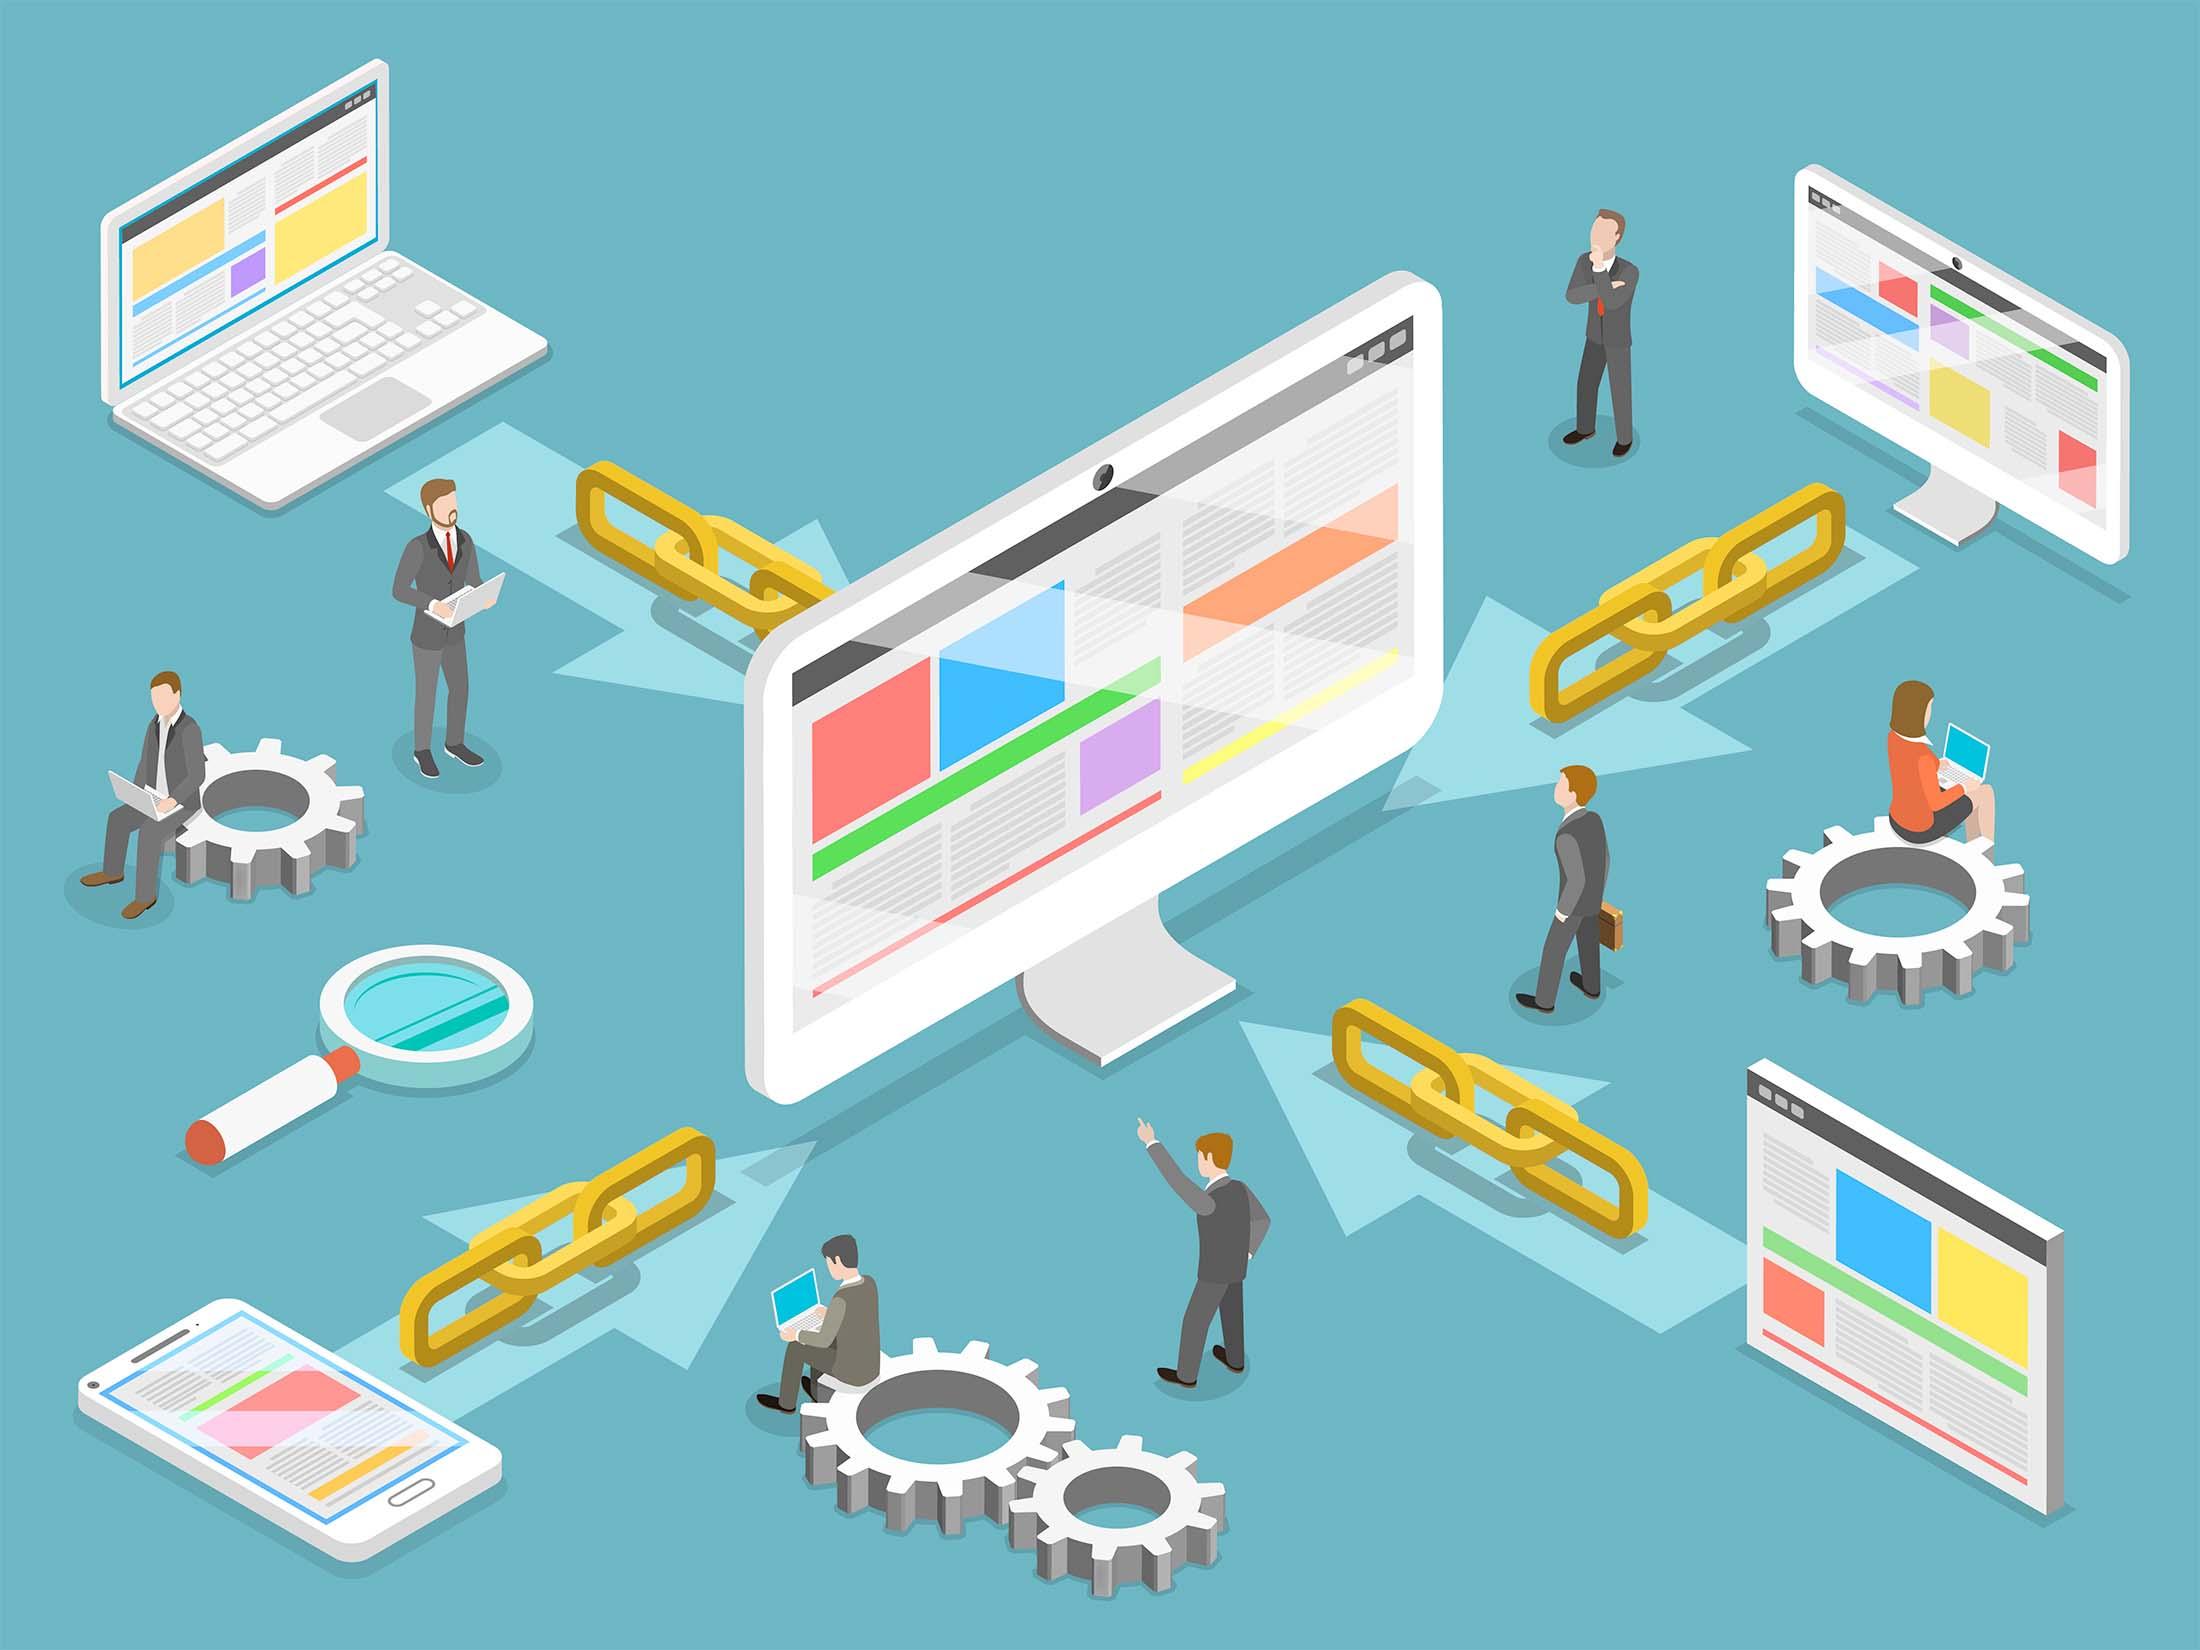 Ulike sider som linker itl en nettside. Grafikk